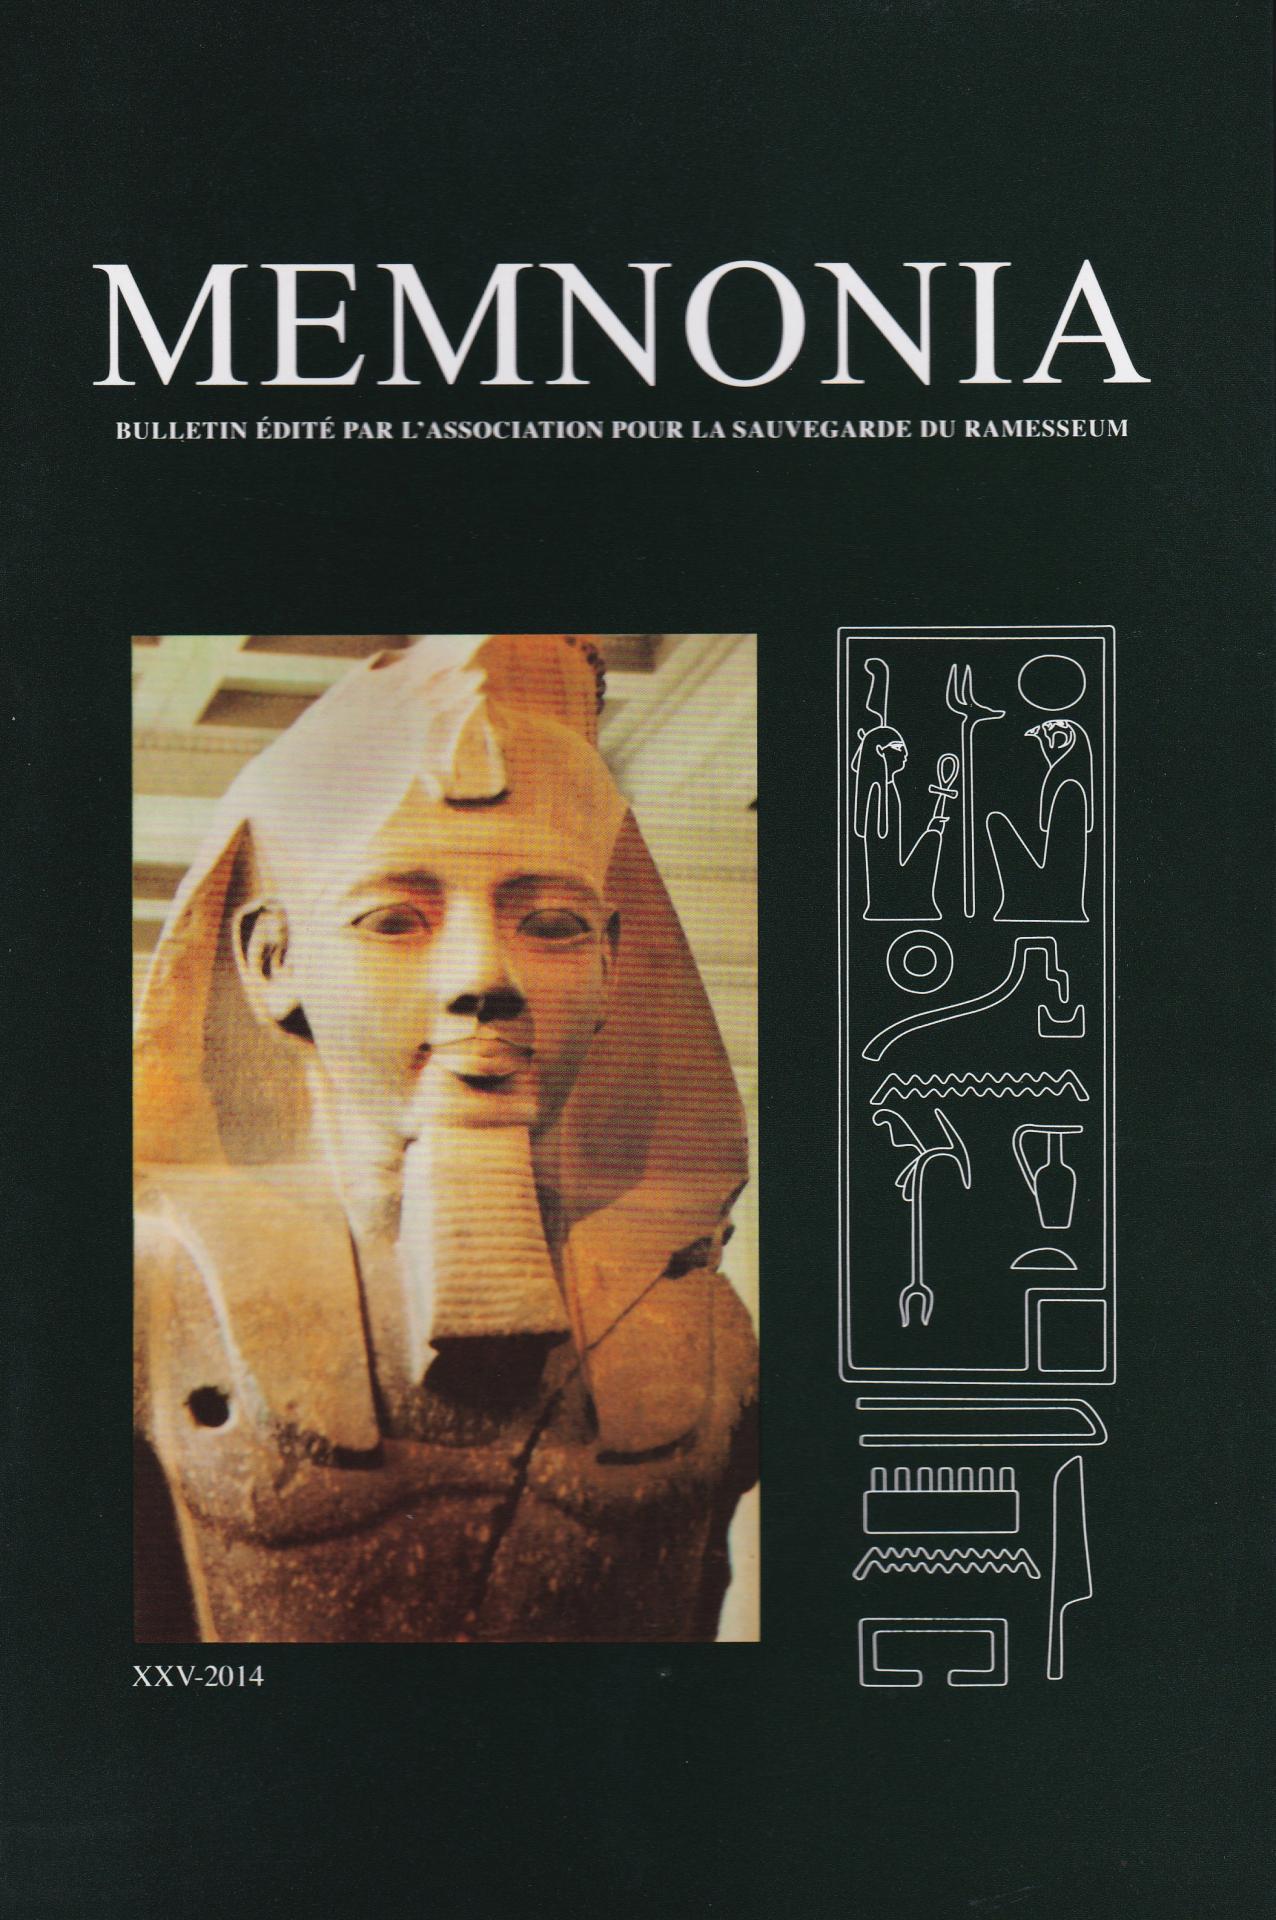 Memnonia